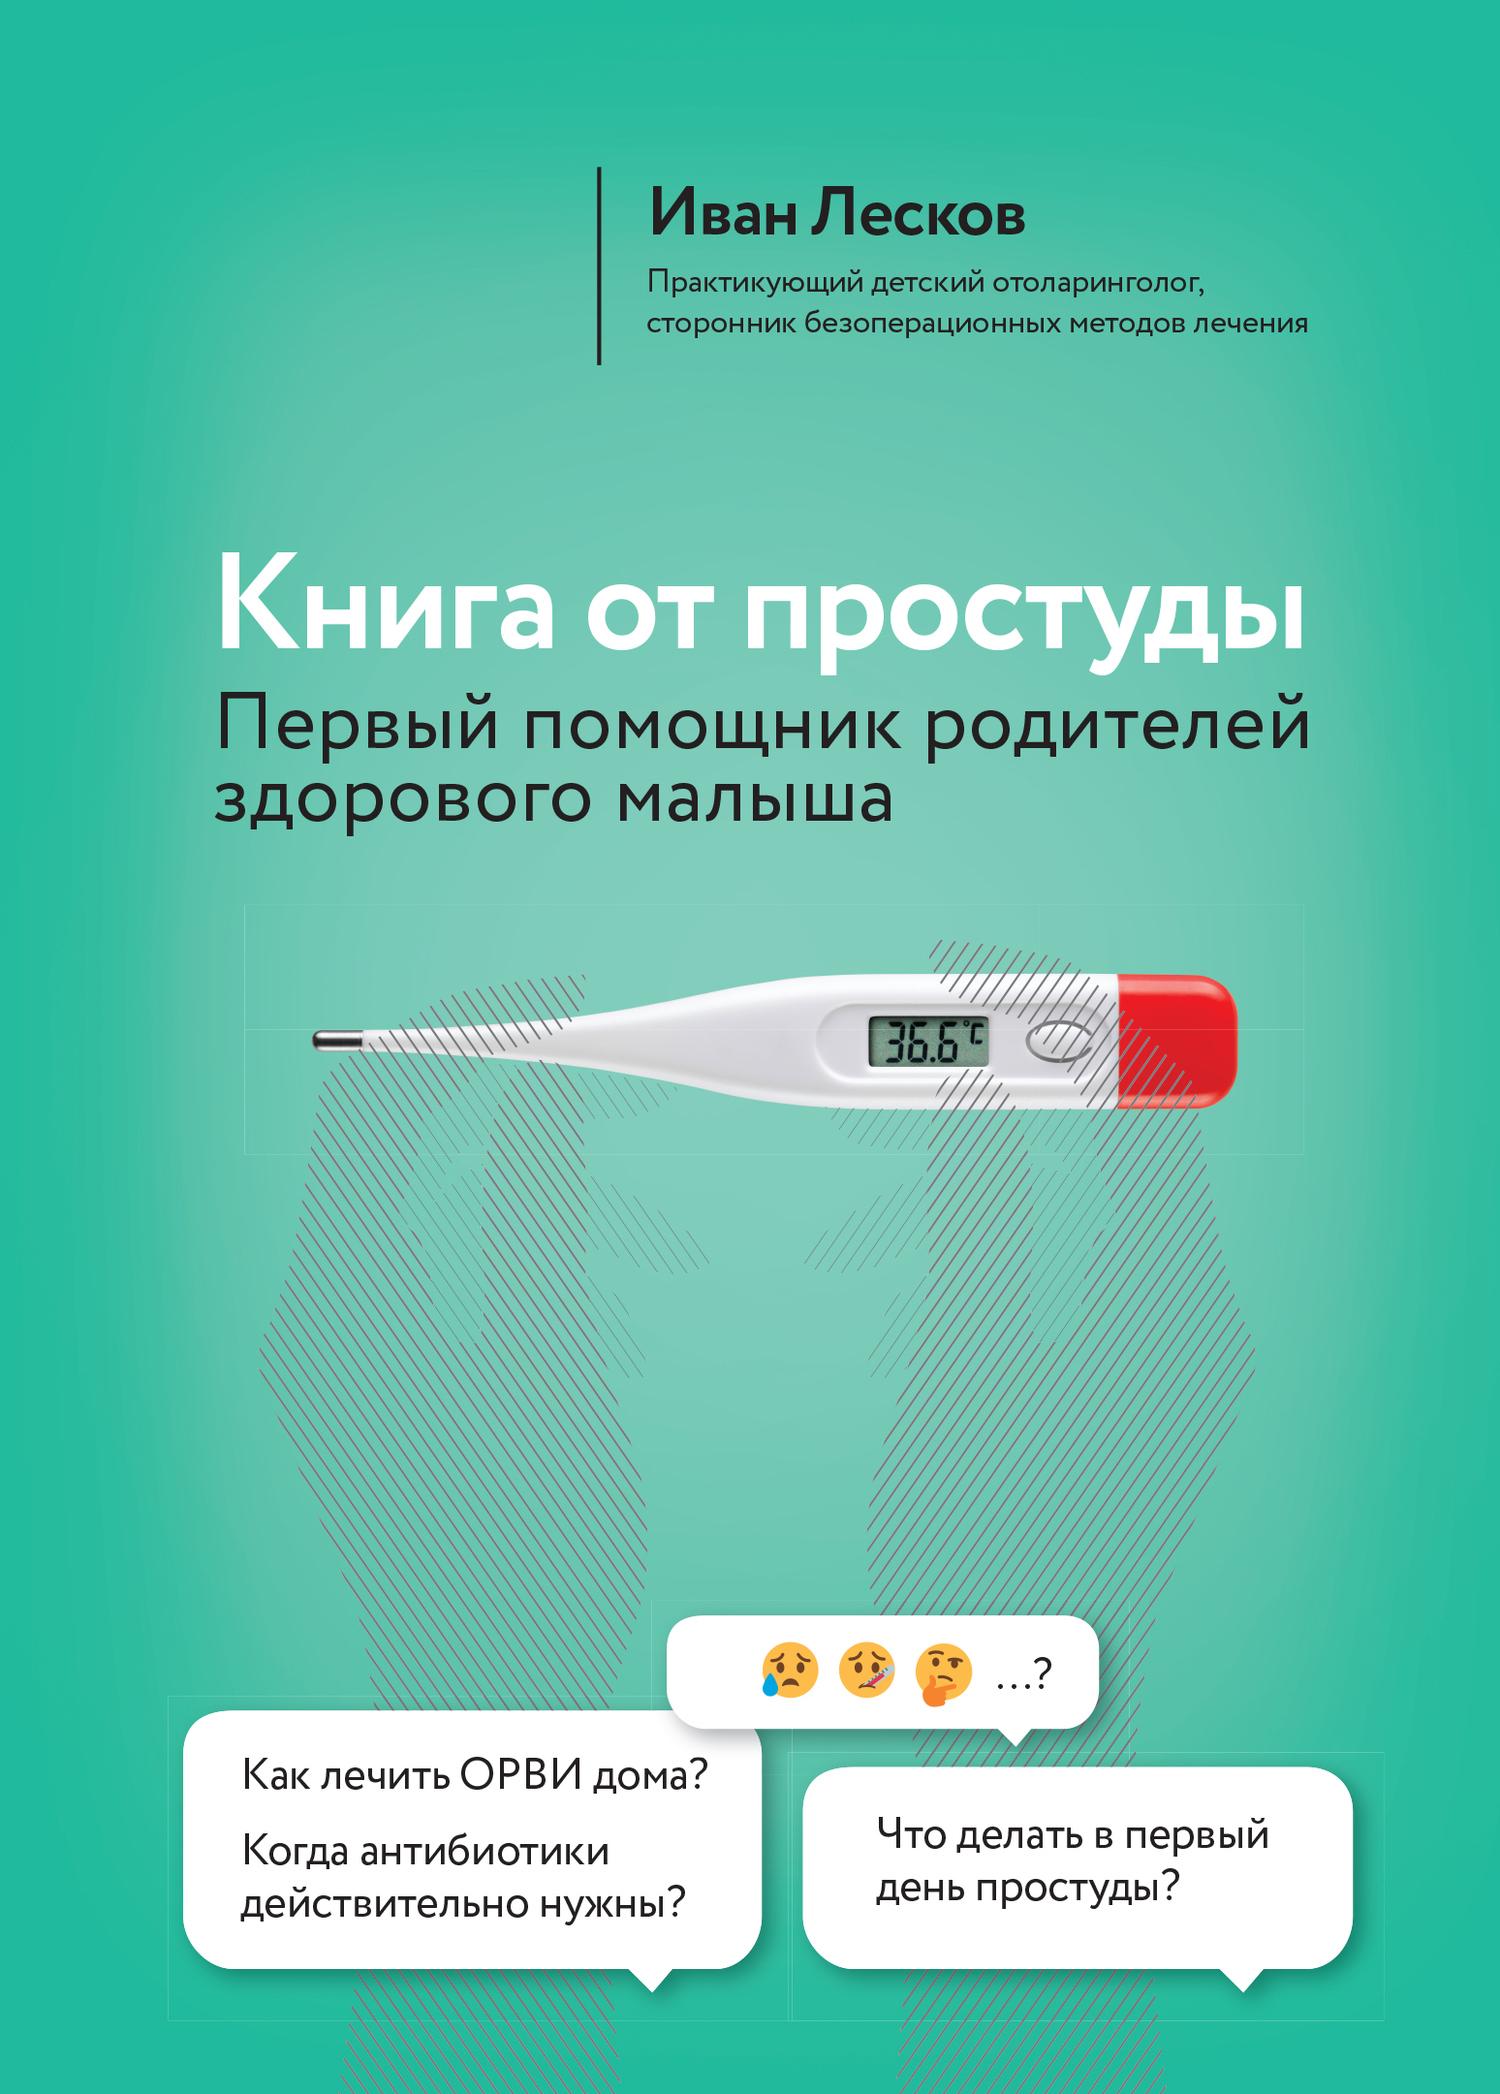 Иван Лесков - Книга от простуды. Первый помощник родителей здорового малыша